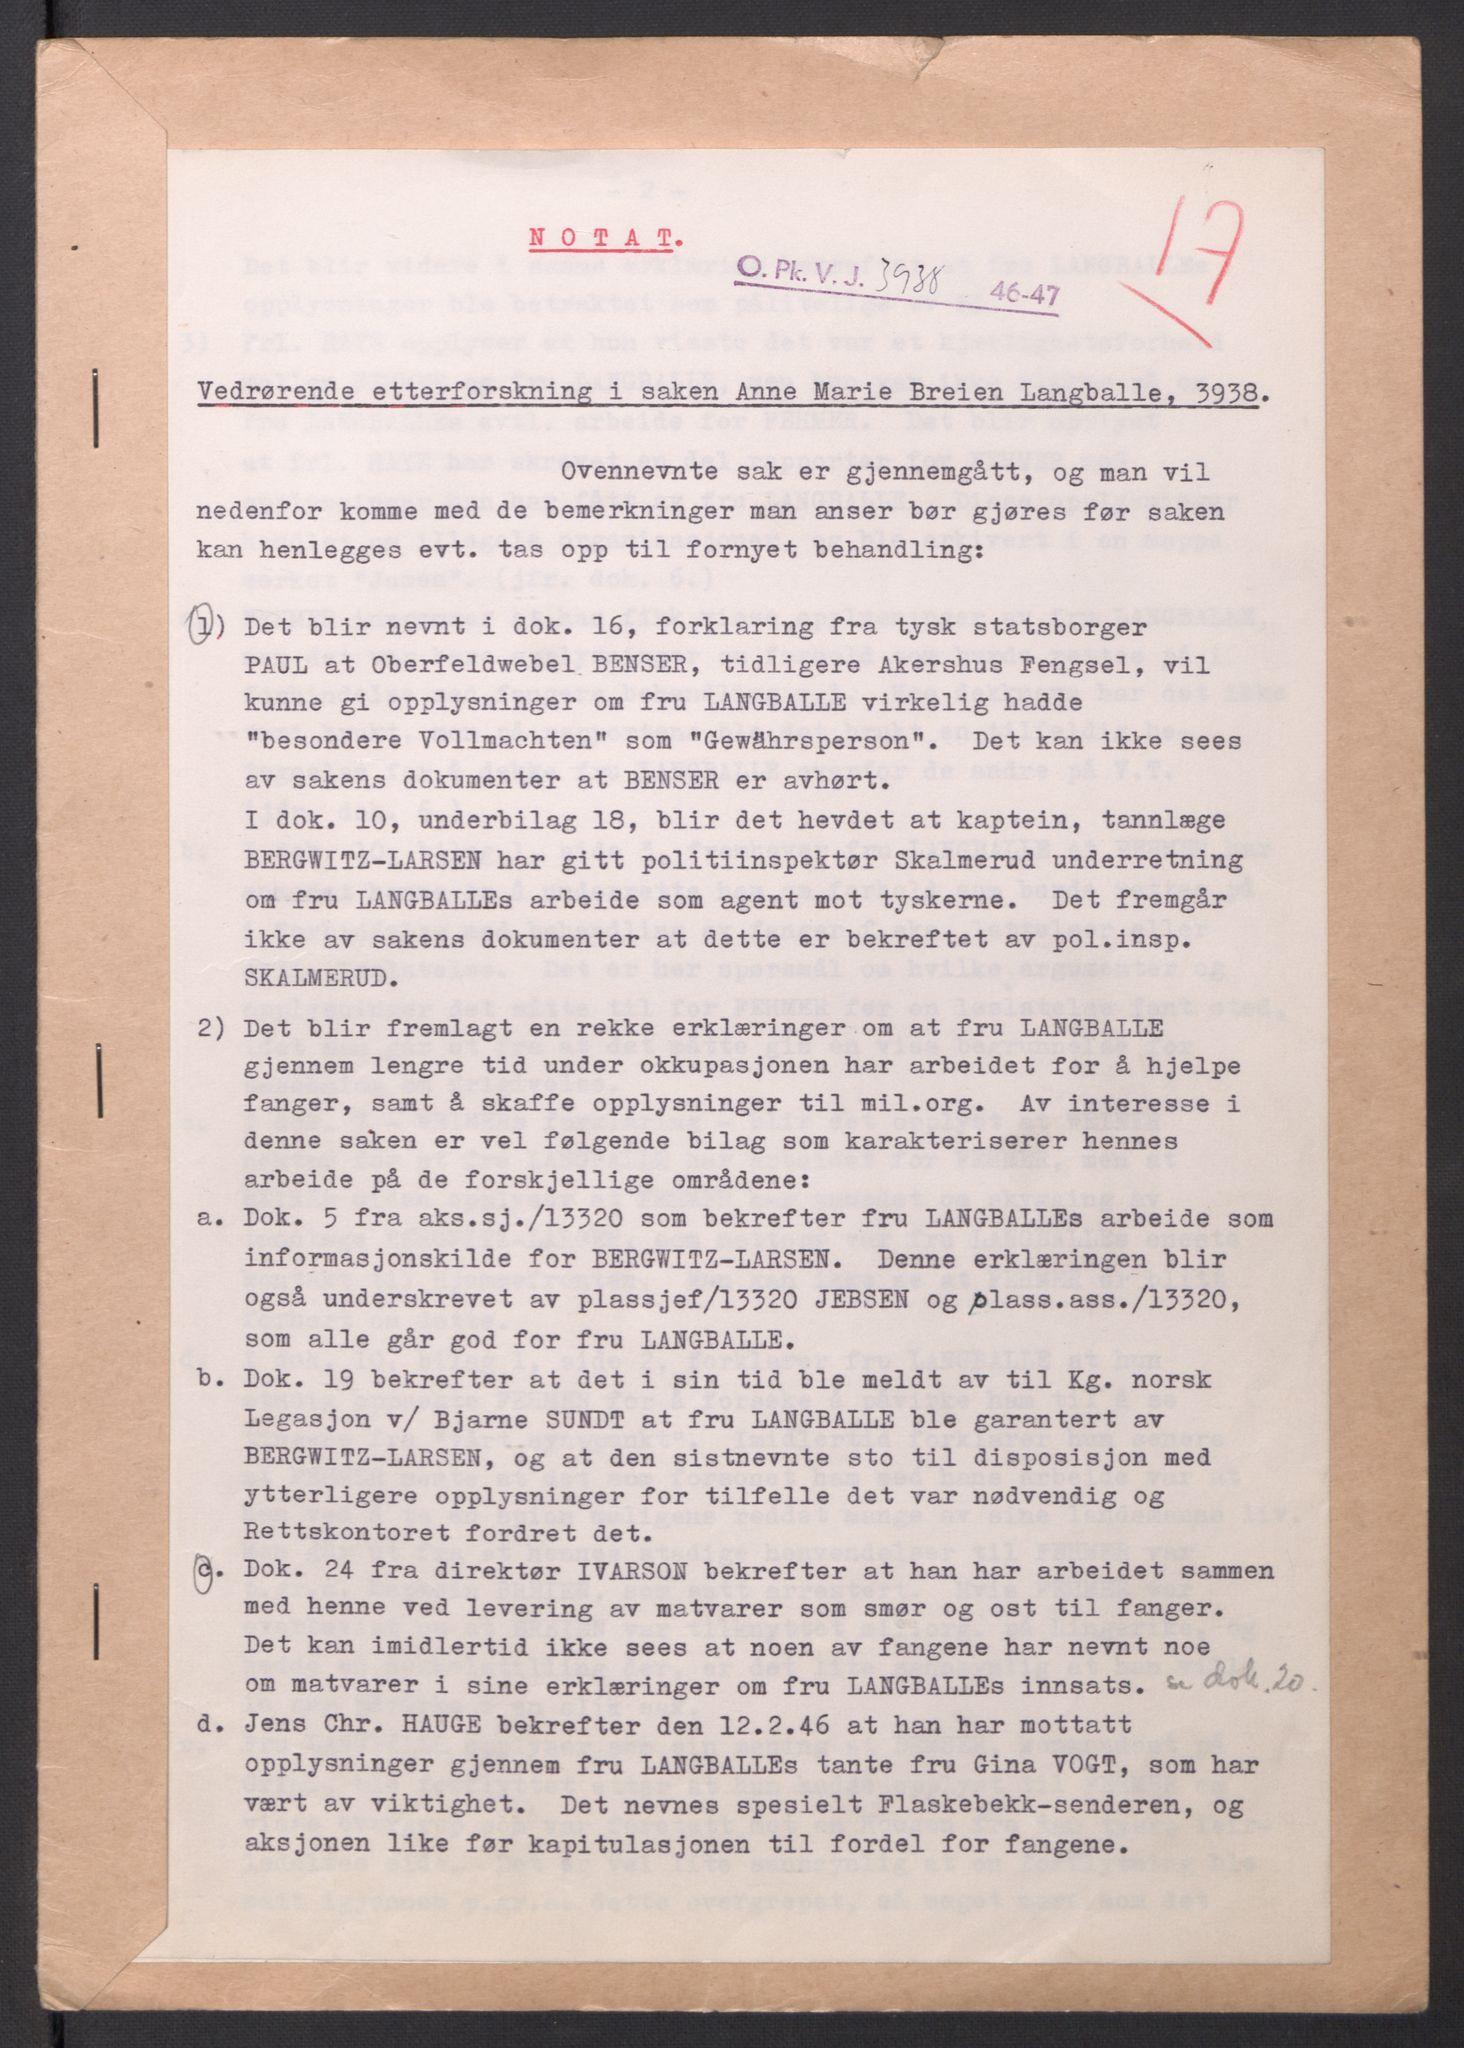 RA, Landssvikarkivet, Oslo politikammer, D/Dg/L0267: Henlagt hnr. 3658, 1945-1946, s. 257